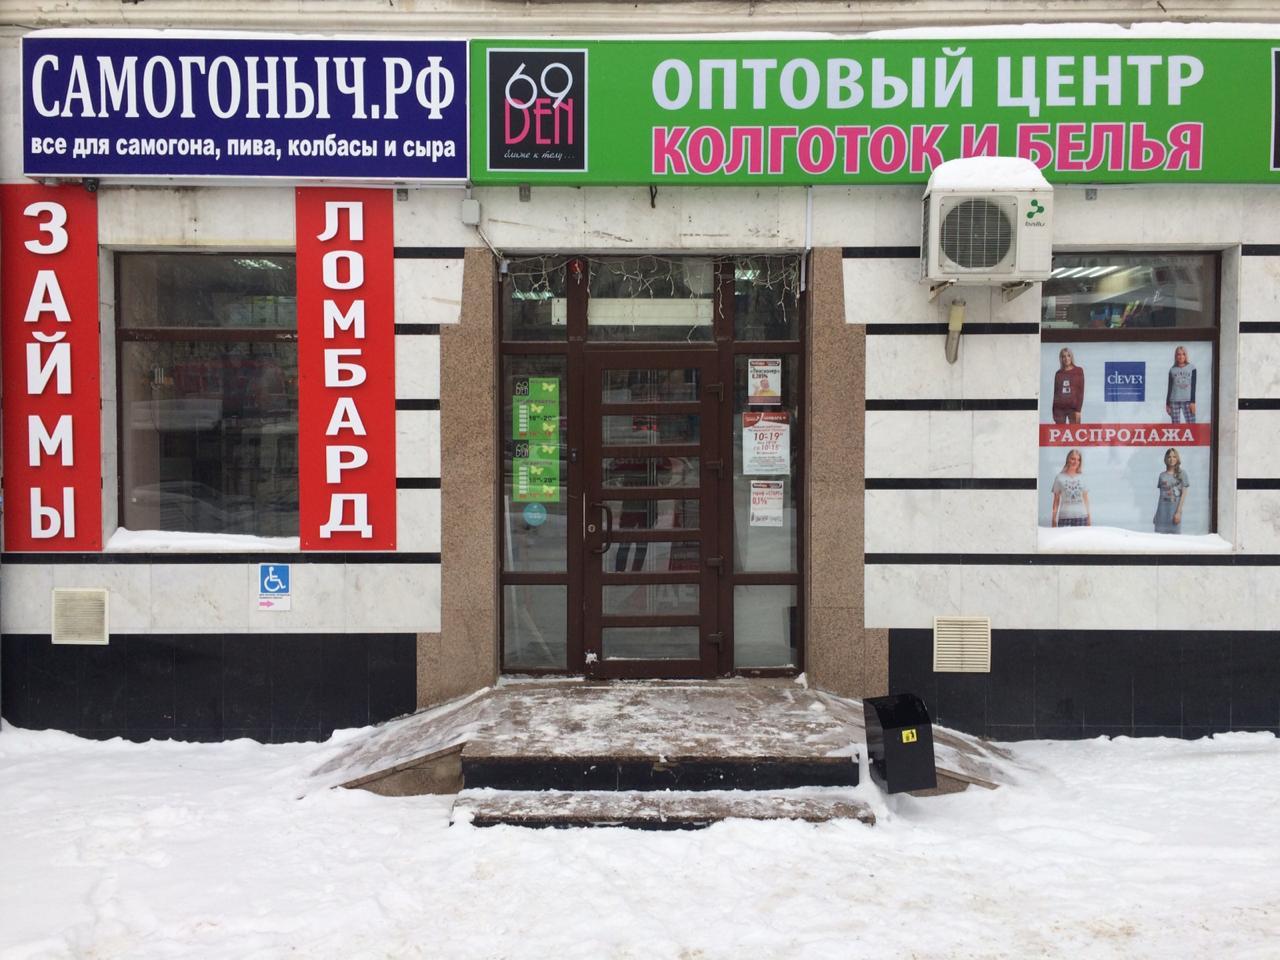 https://samogongonim.ru/images/upload/проспект.jpg